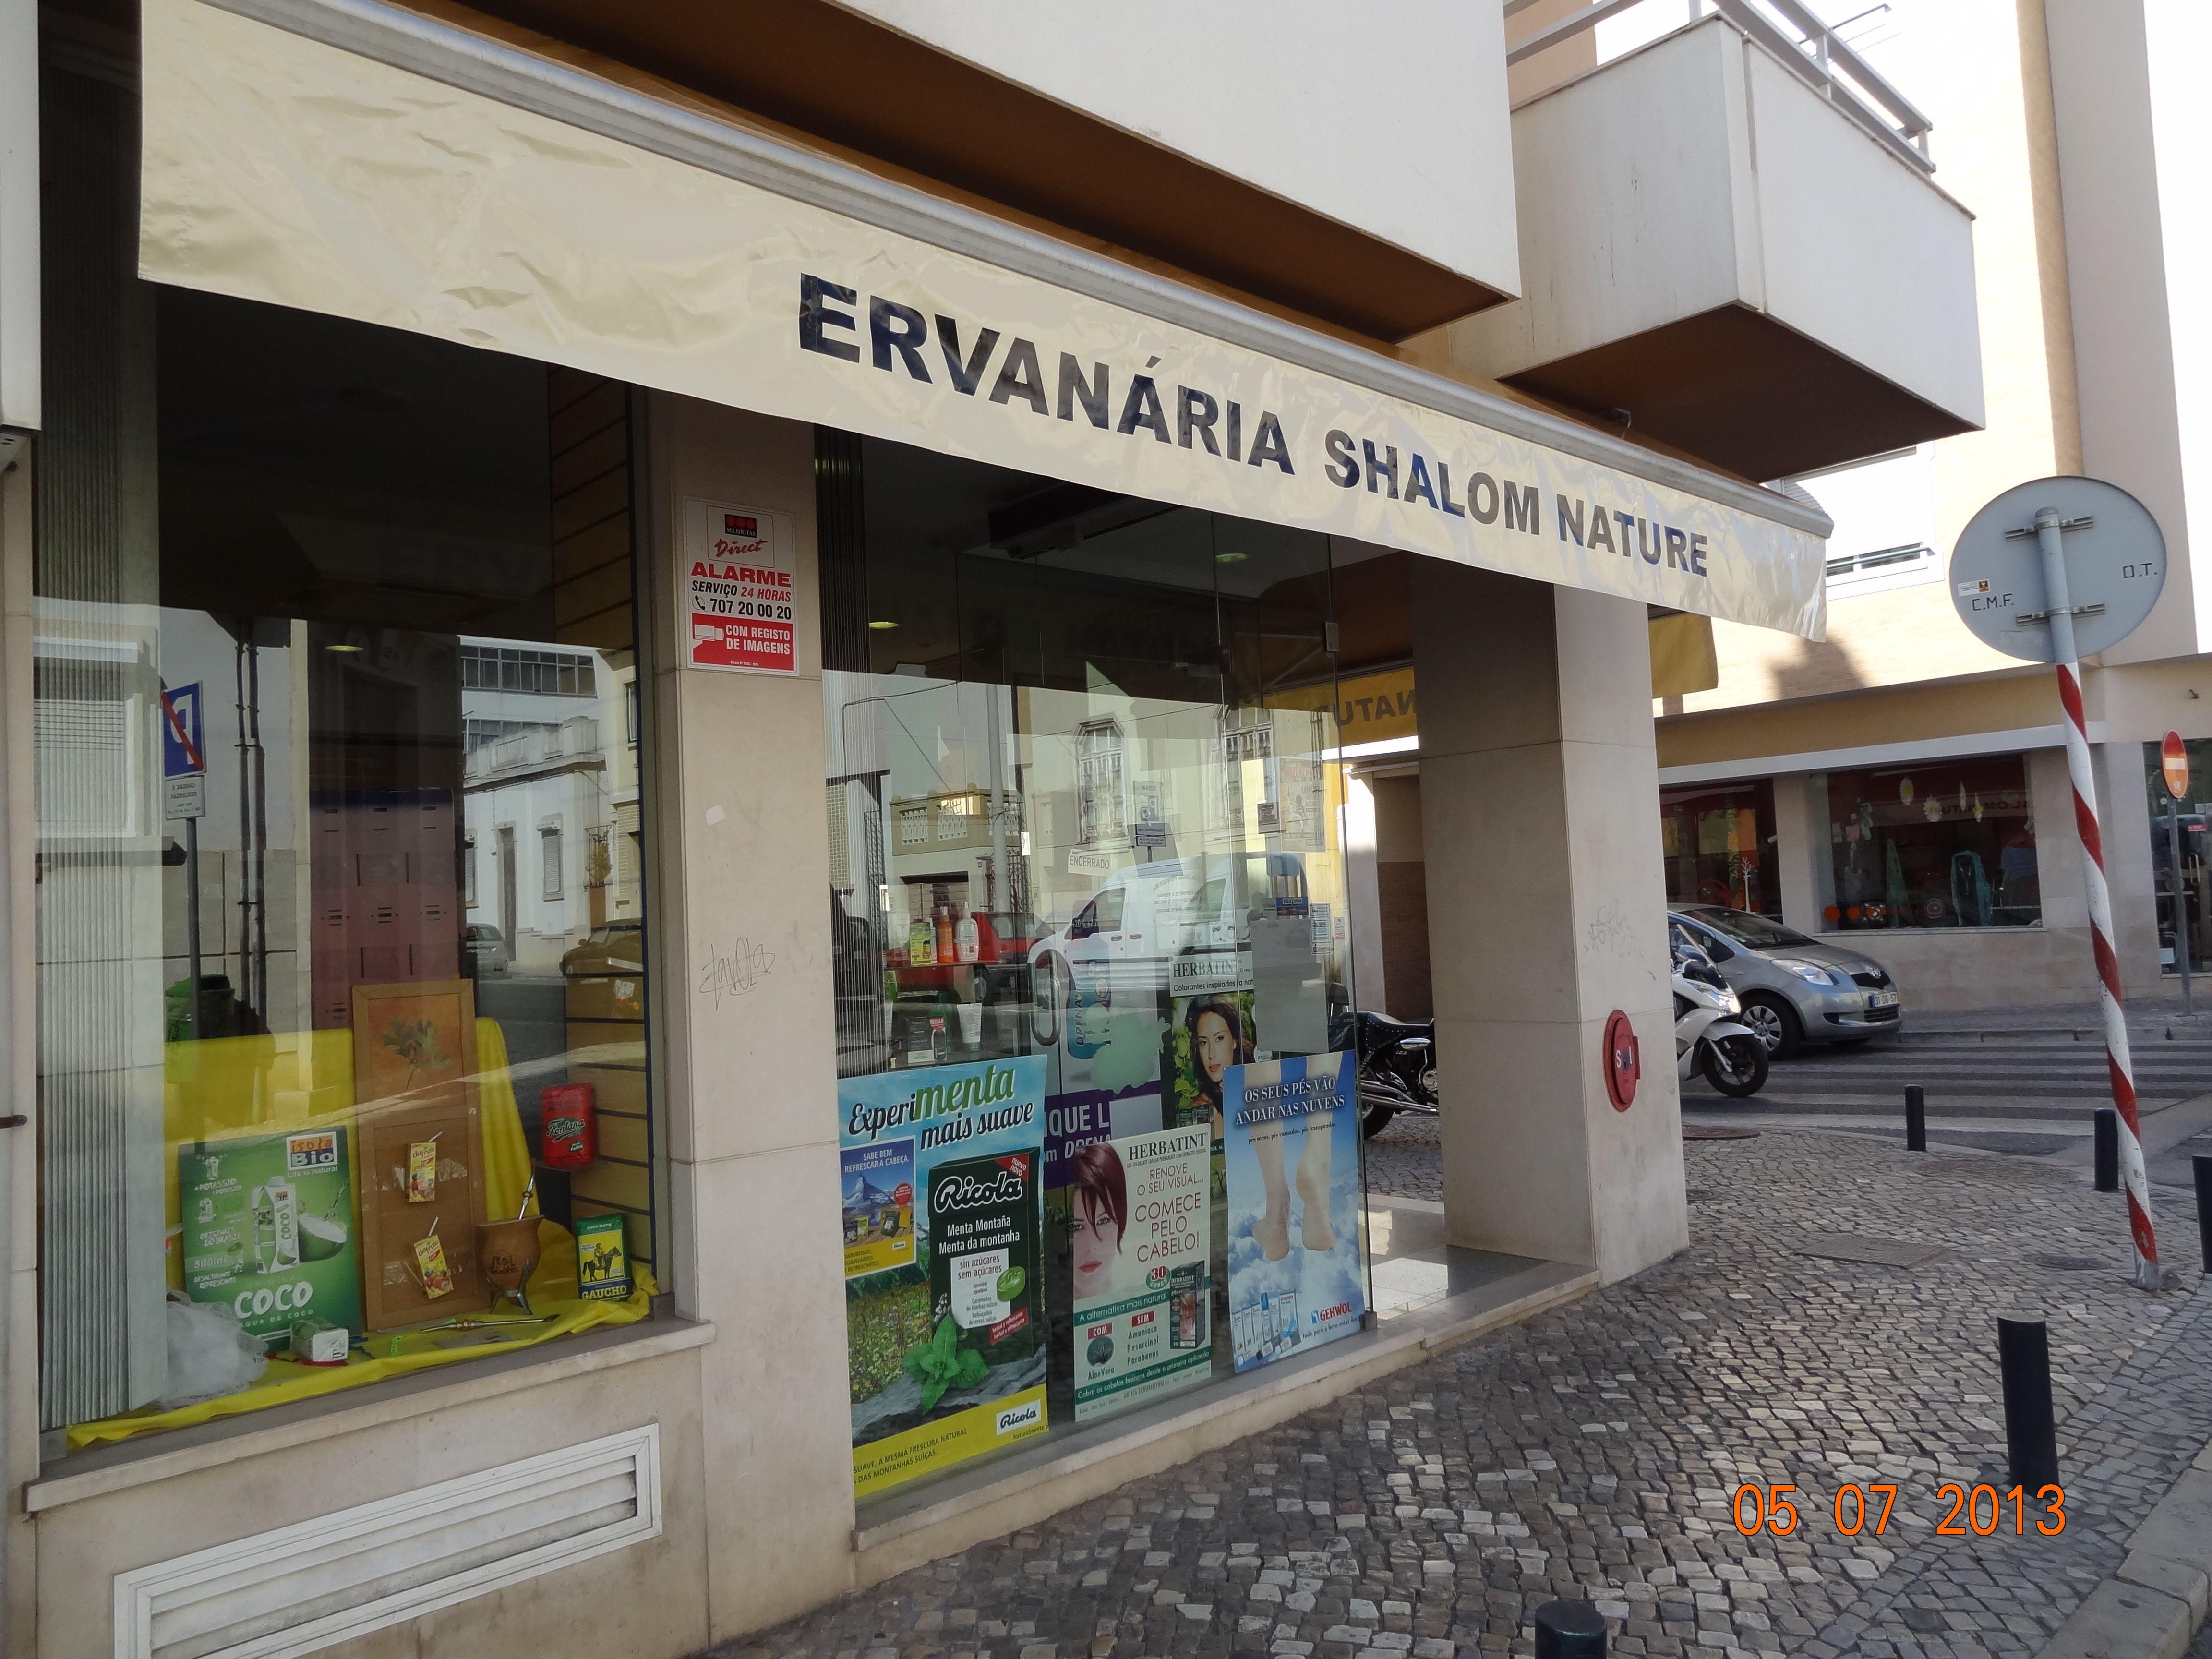 Rua João de Deus, 28C, 8000-368, Faro, Portugal